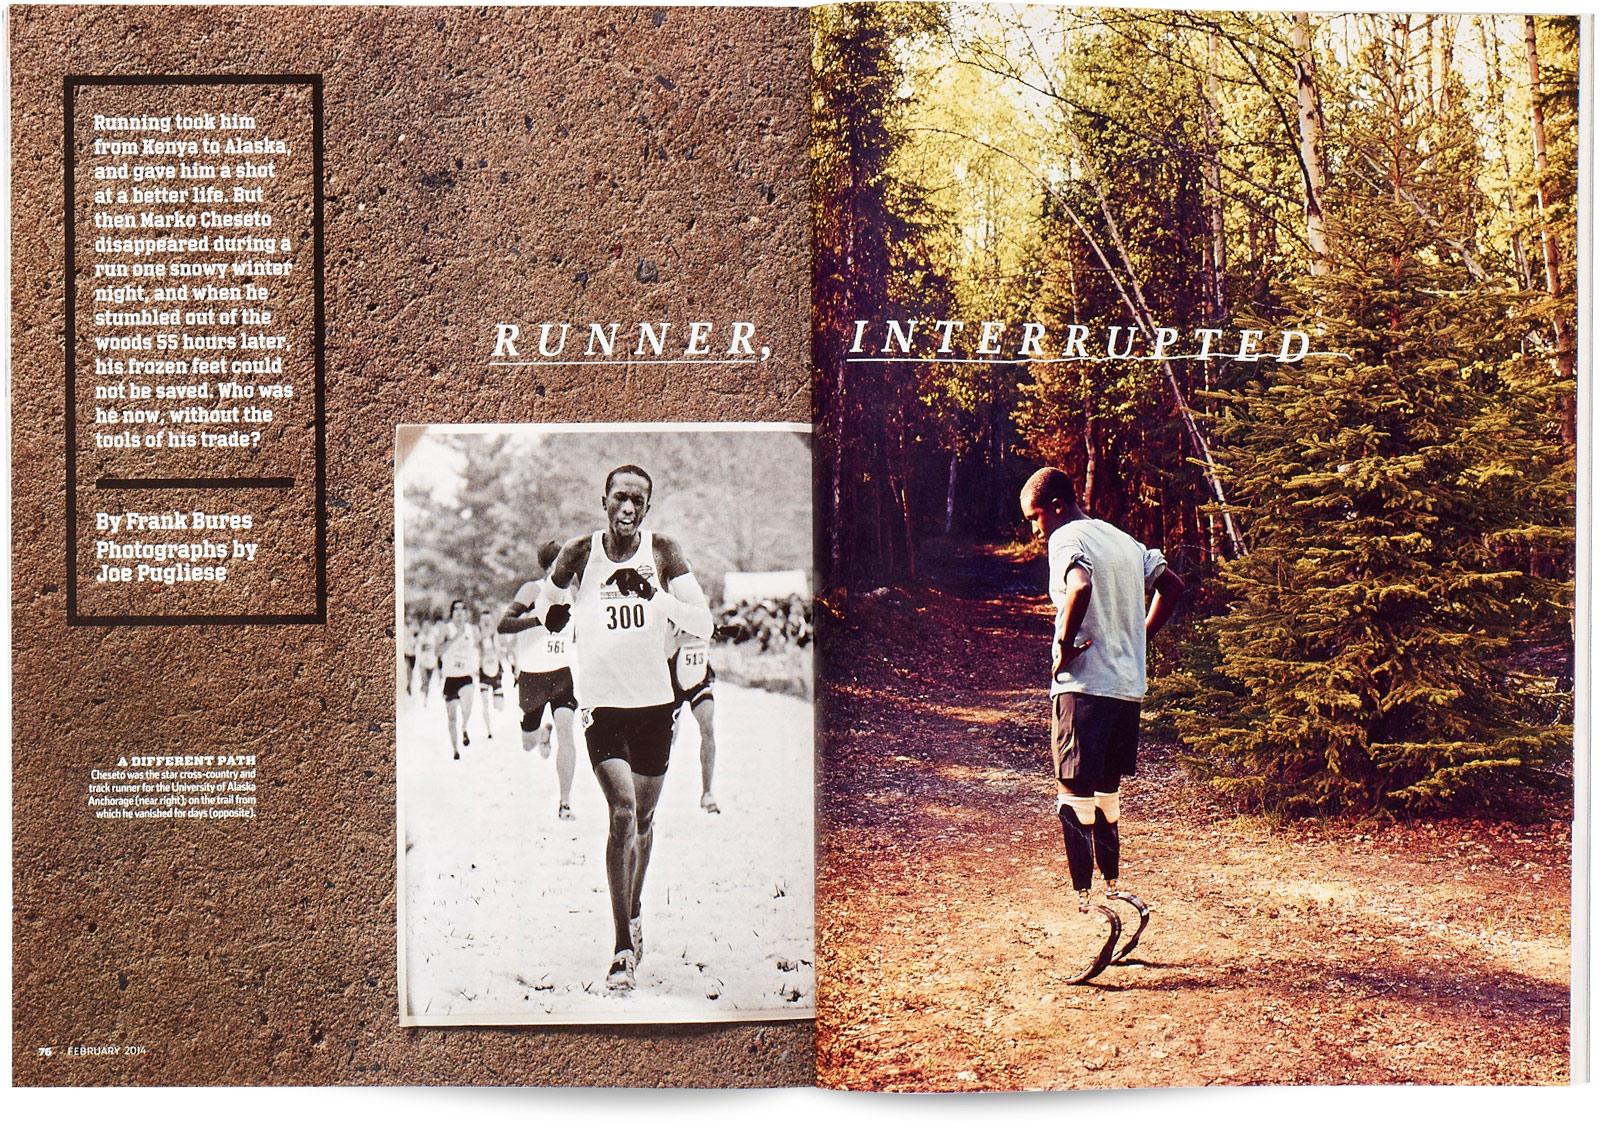 spread-runner-interrupted